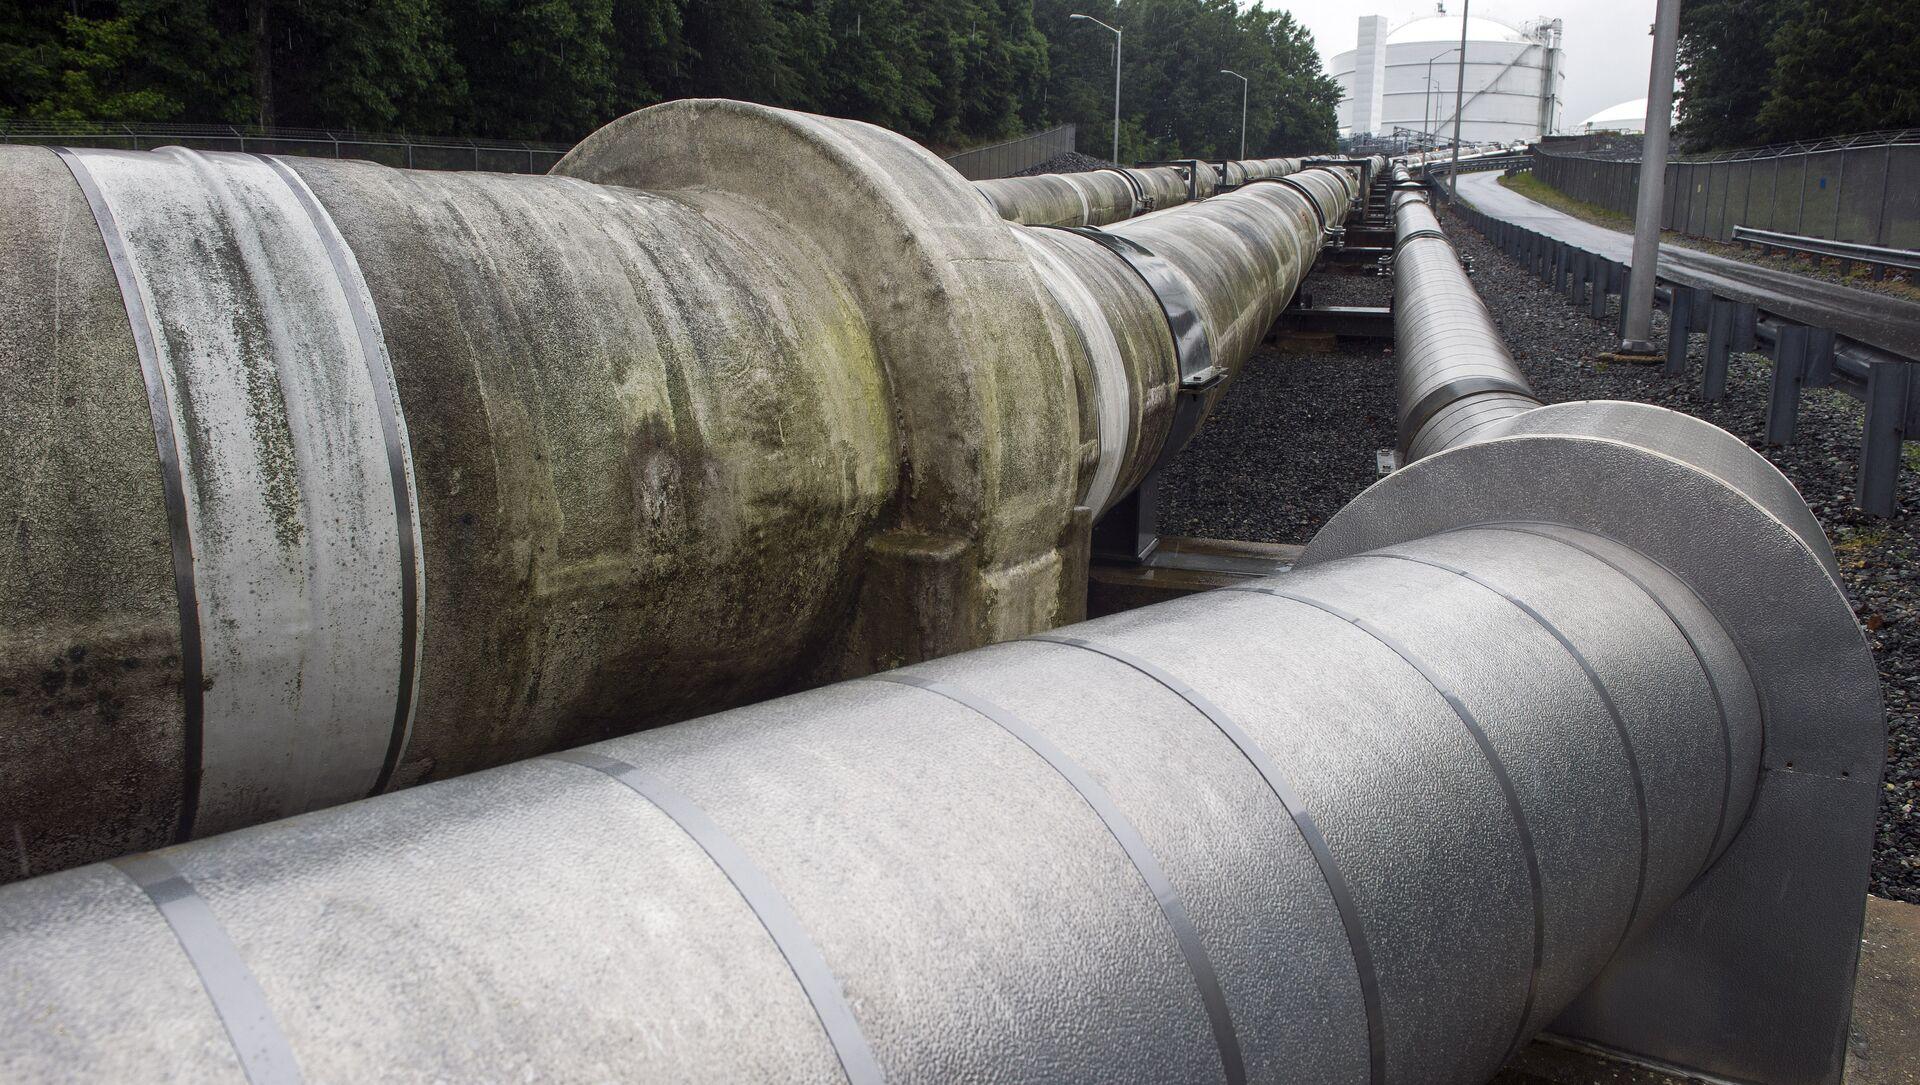 Tuberías que trasladan el gas natural licuado a una cisterna en Lusby  - Sputnik Mundo, 1920, 16.09.2020